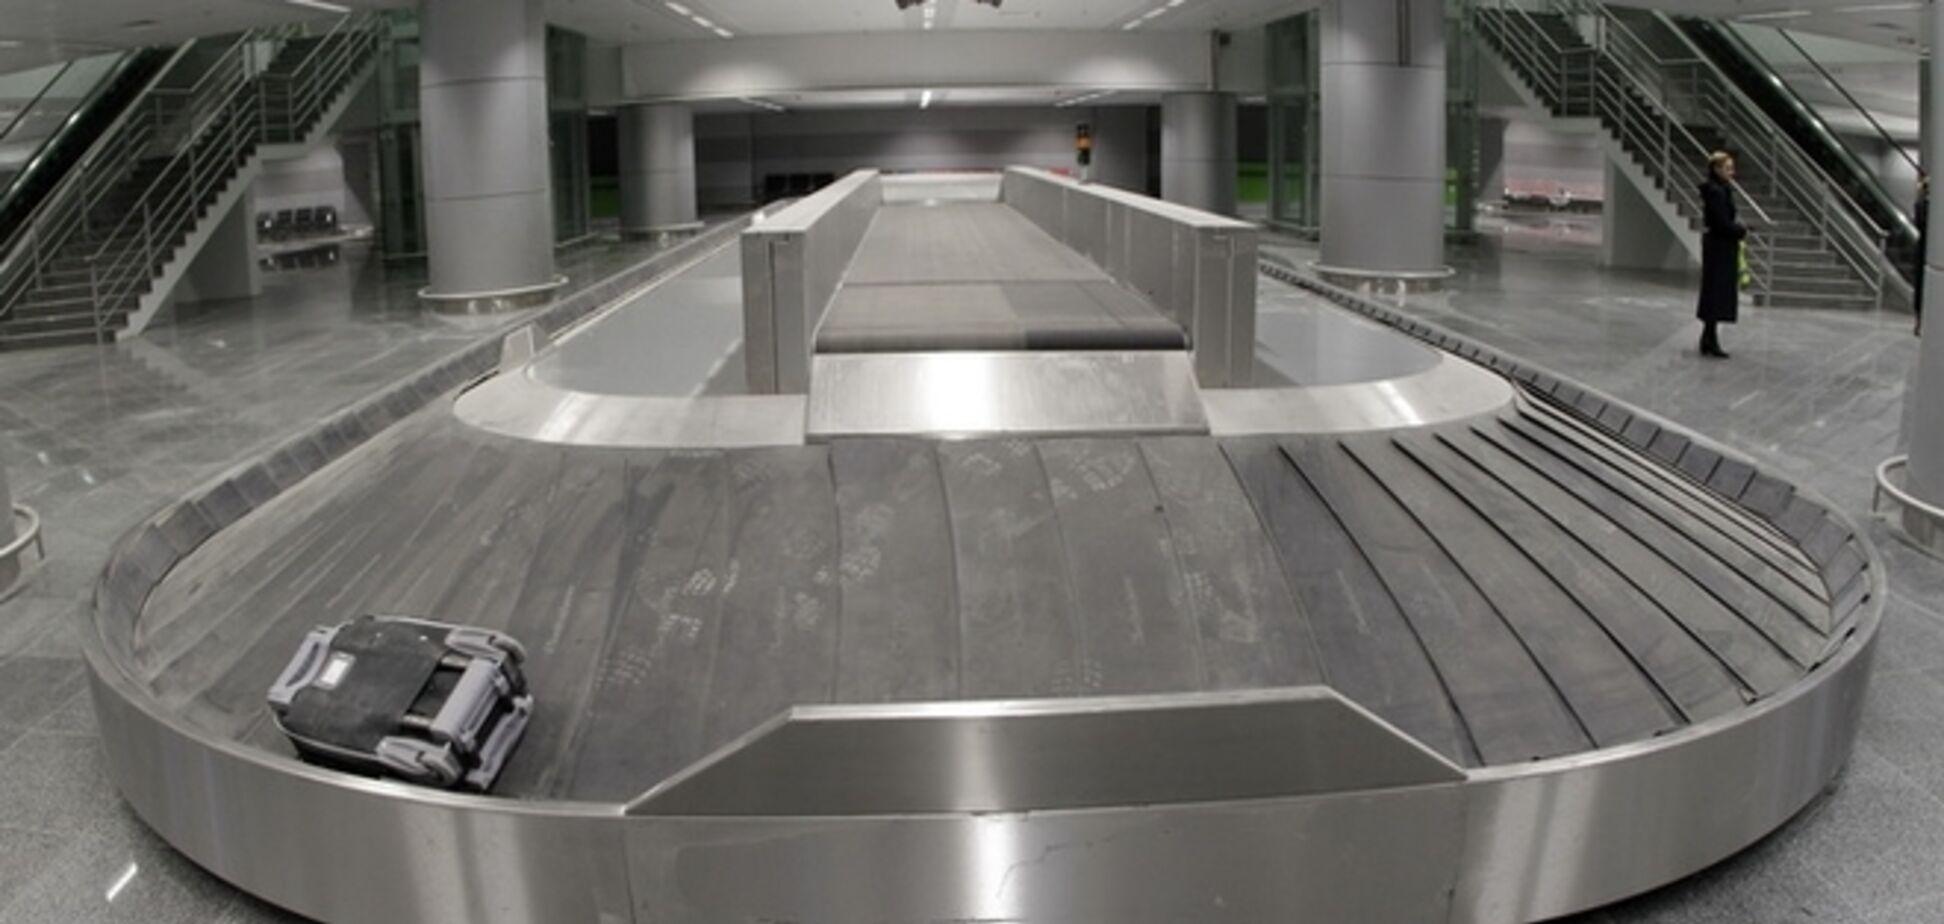 В римском аэропорту норвежец уснул на багажной ленте и поехал к рентгеновскому сканеру